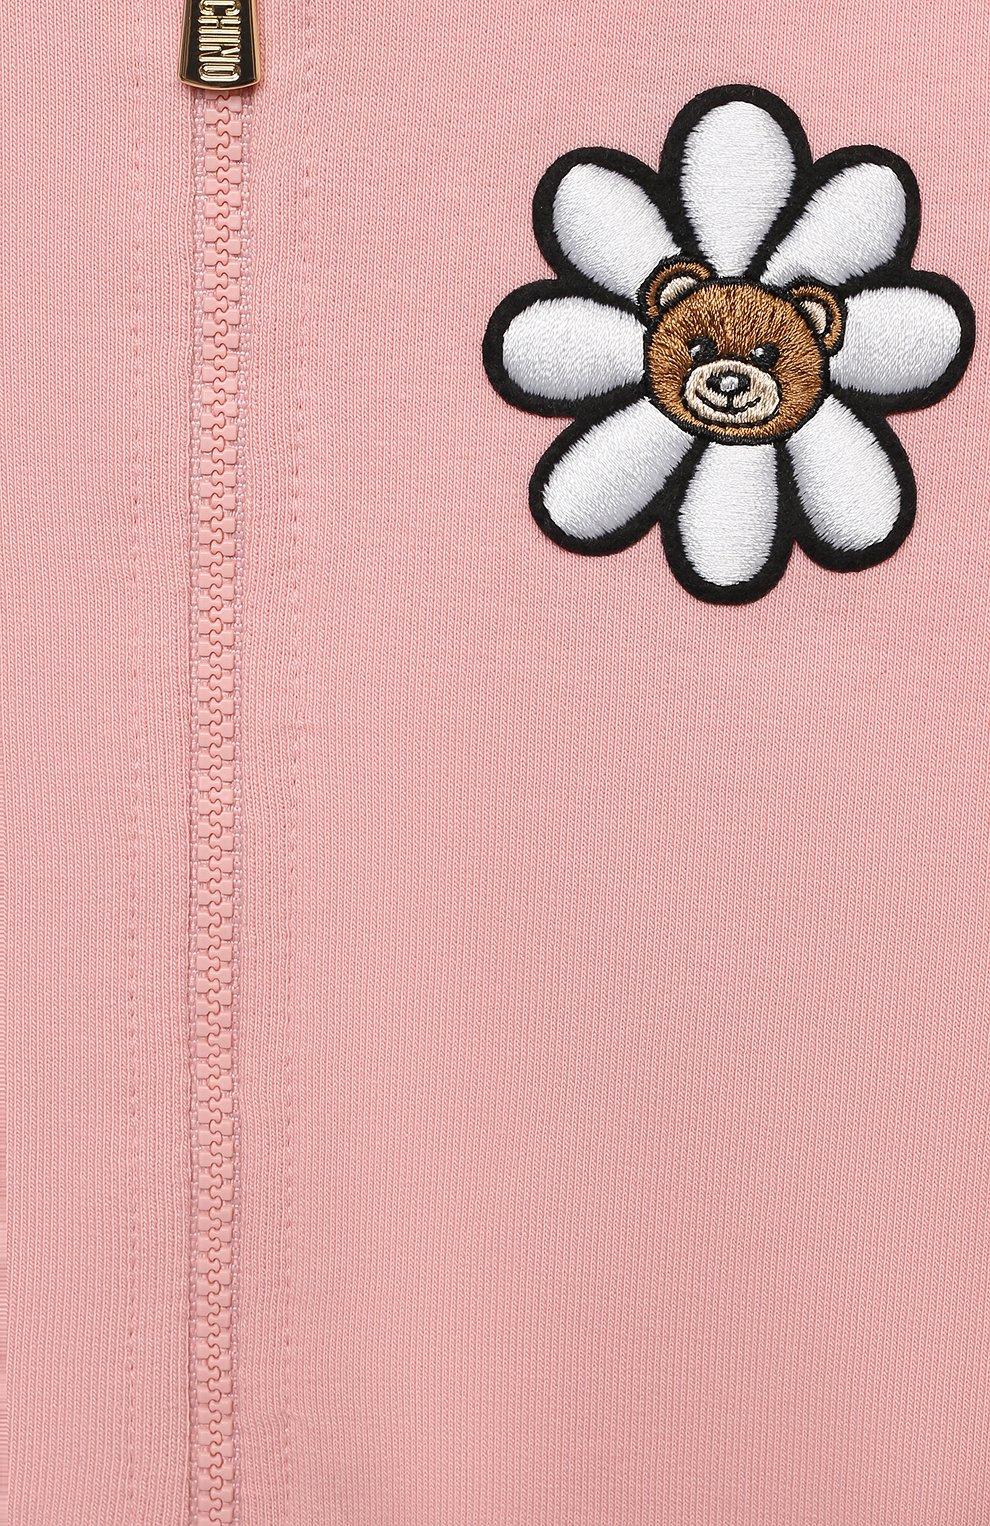 Детский хлопковая толстовка MOSCHINO розового цвета, арт. MDF027/LDA00 | Фото 3 (Рукава: Длинные; Материал внешний: Хлопок; Ростовка одежда: 12 мес | 80 см, 18 мес | 86 см, 24 мес | 92 см, 36 мес | 98 см)